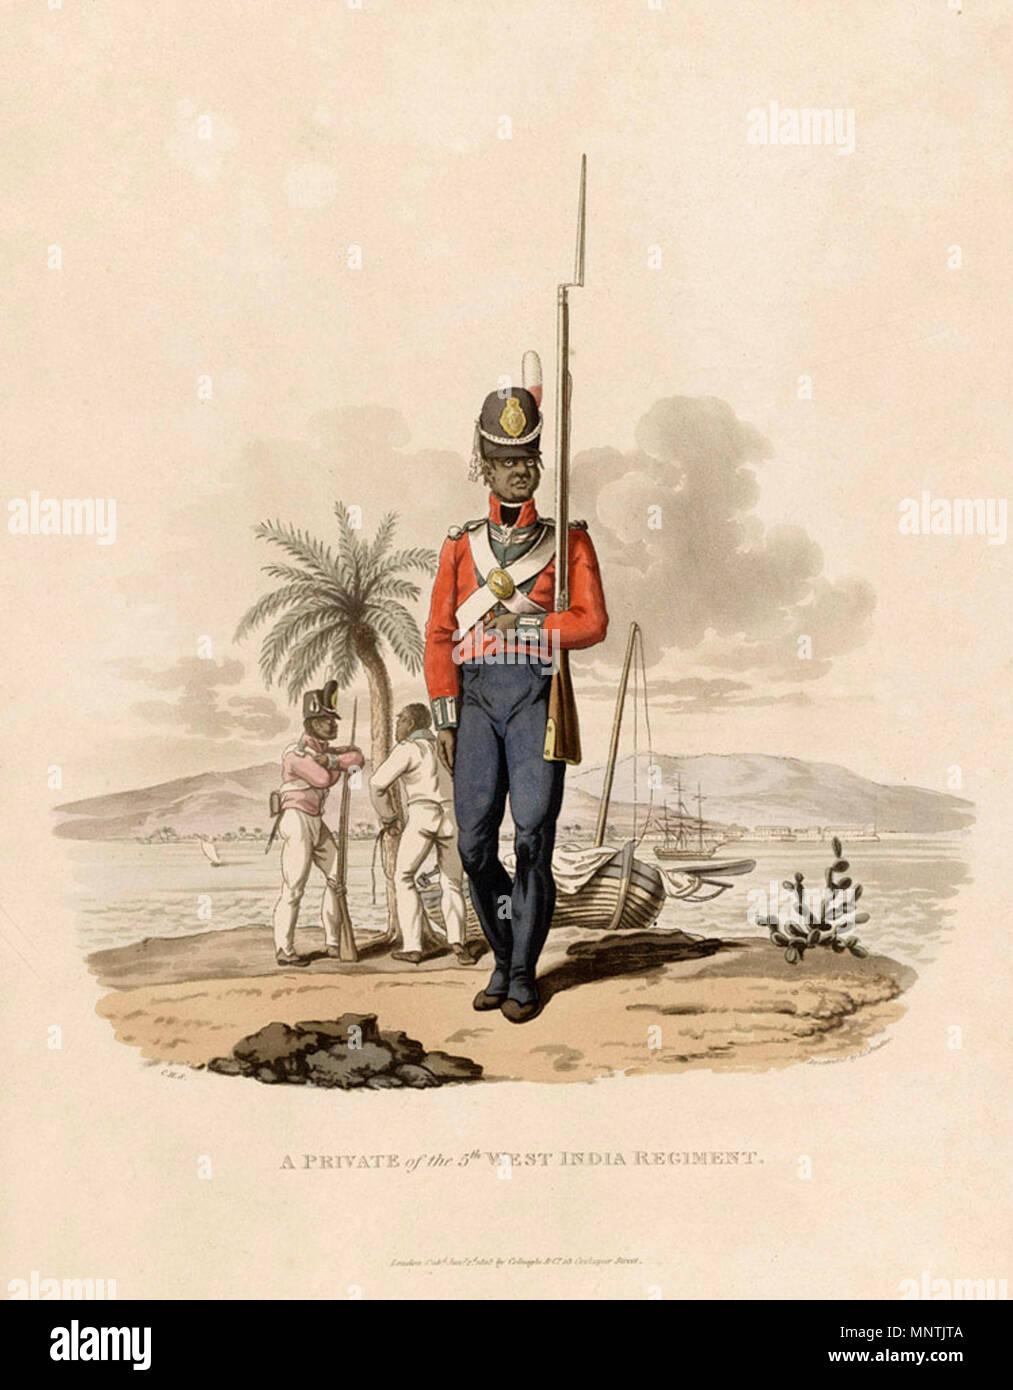 . Anglais: Secteur du 5e Régiment de l'ouest de l'Inde. L'aquatinte par J. C. Stadler après Charles Hamilton Smith, 1812. De nombreux soldats stationnés dans les Caraïbes a succombé à des maladies tropicales. L'échec de l'intervention britannique à Saint-Domingue (Haïti) moderne était aussi très coûteux en termes de main-d'oeuvre. L'armée a été obligée de chercher ailleurs des recrues et entre 1795 et 1807 selon les estimations, 13 400 le créole et les nouveaux arrivants africains esclaves ont été achetés pour l'ouest de l'Inde régiments. La dépendance à l'égard des conscrits de l'esclave était un facteur dans le prolongement de la traite des esclaves de 1807. La plupart soldat esclave Photo Stock